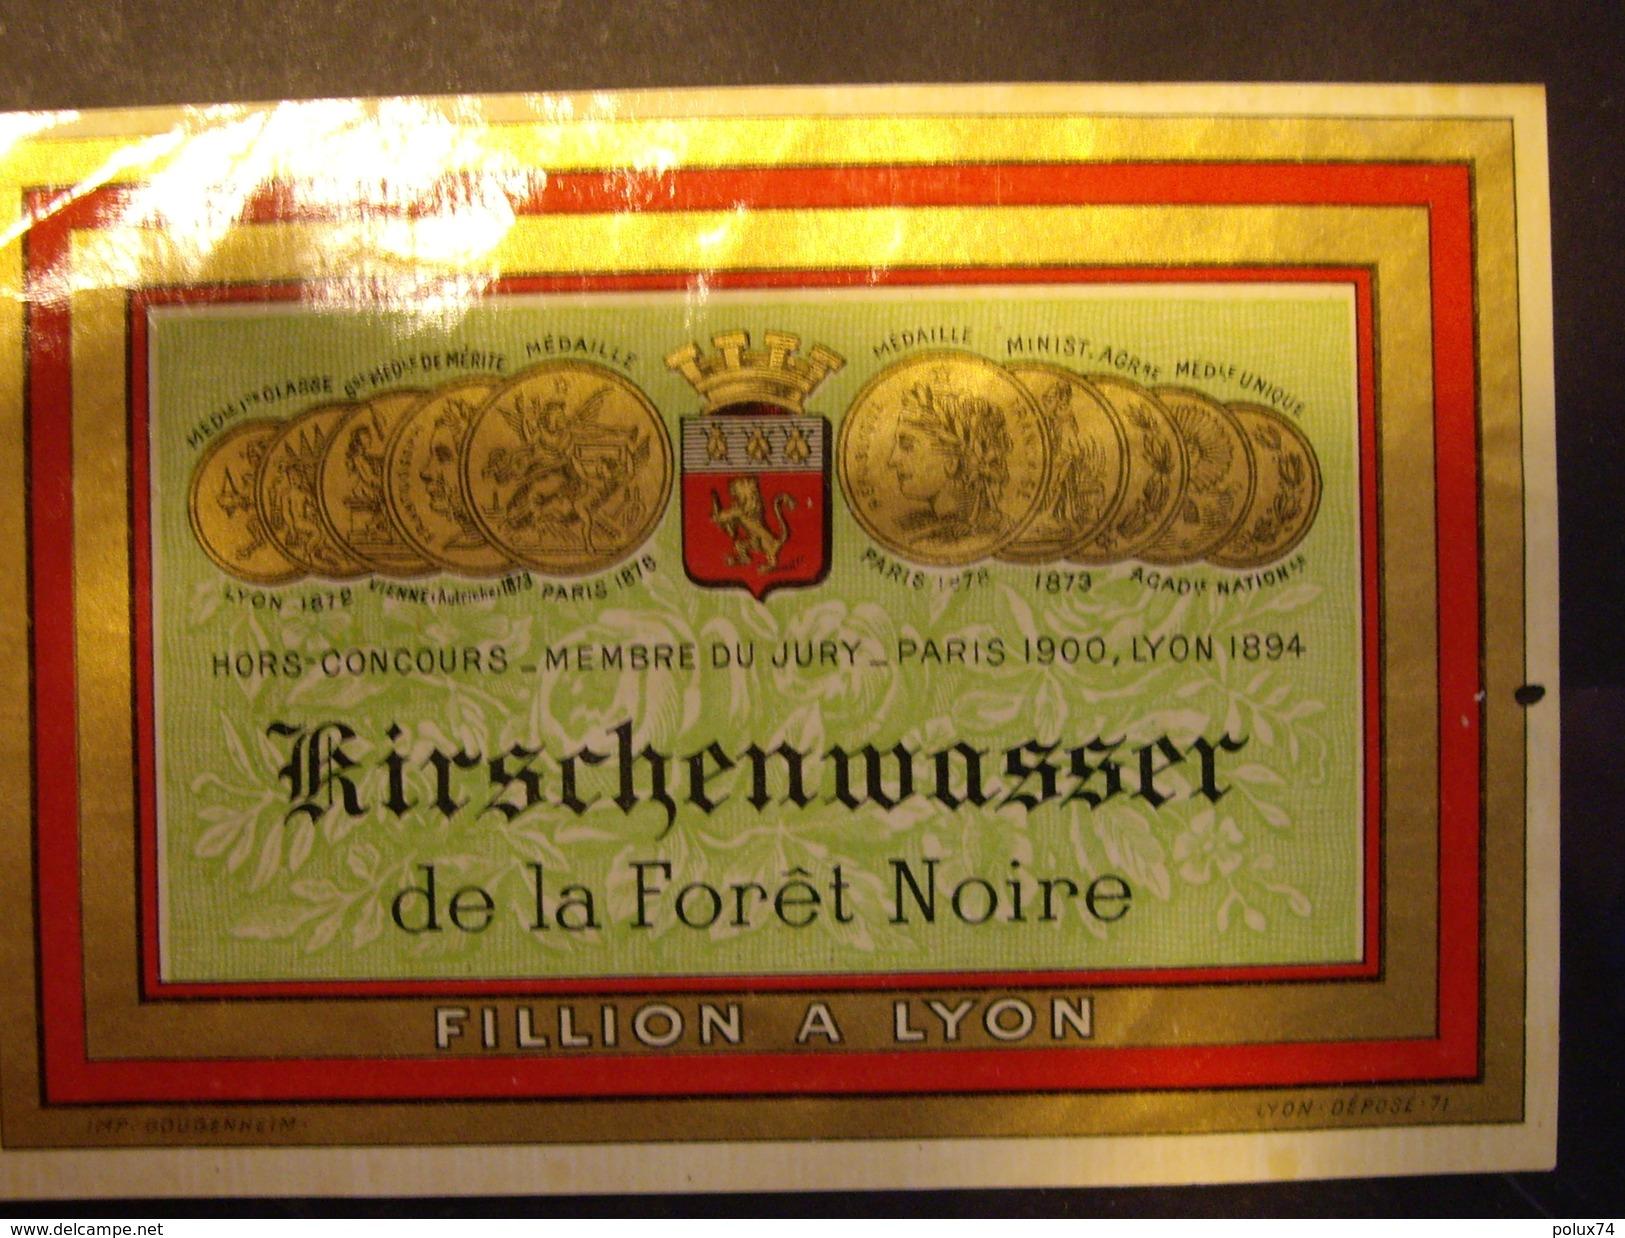 LYON  KIRSCHENWASSER  De La Foret Noire  -FILLION A LYON Année  1905+- - Autres Bouteilles